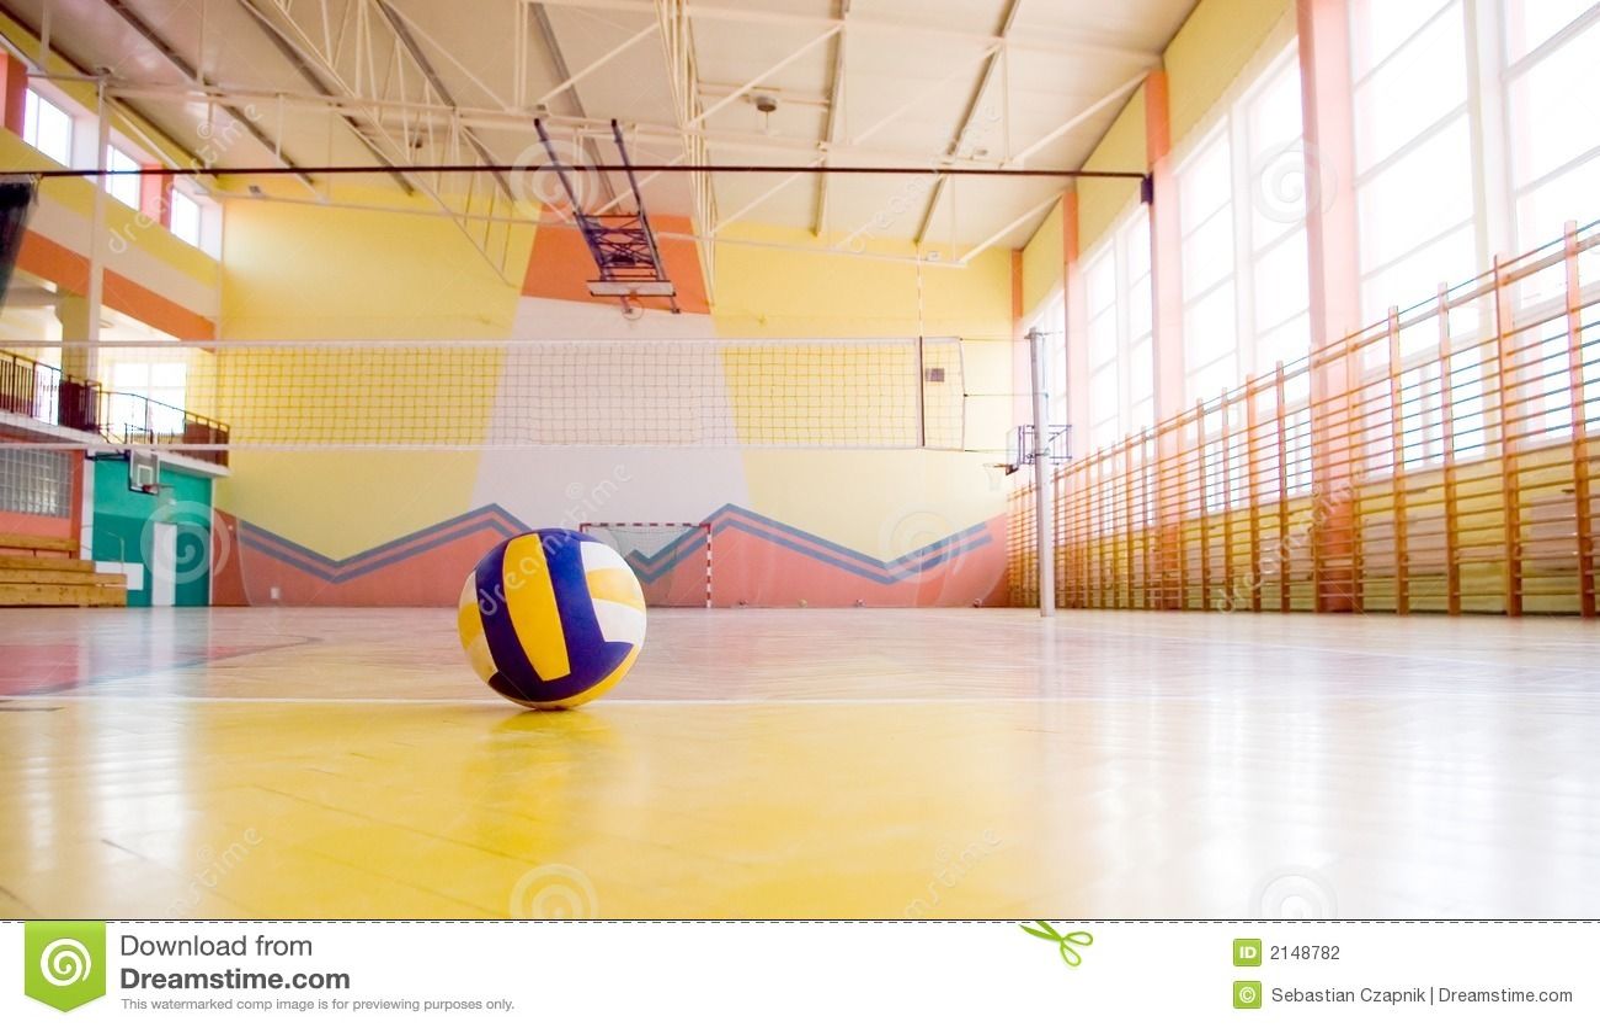 Voleibol em uma ginástica.